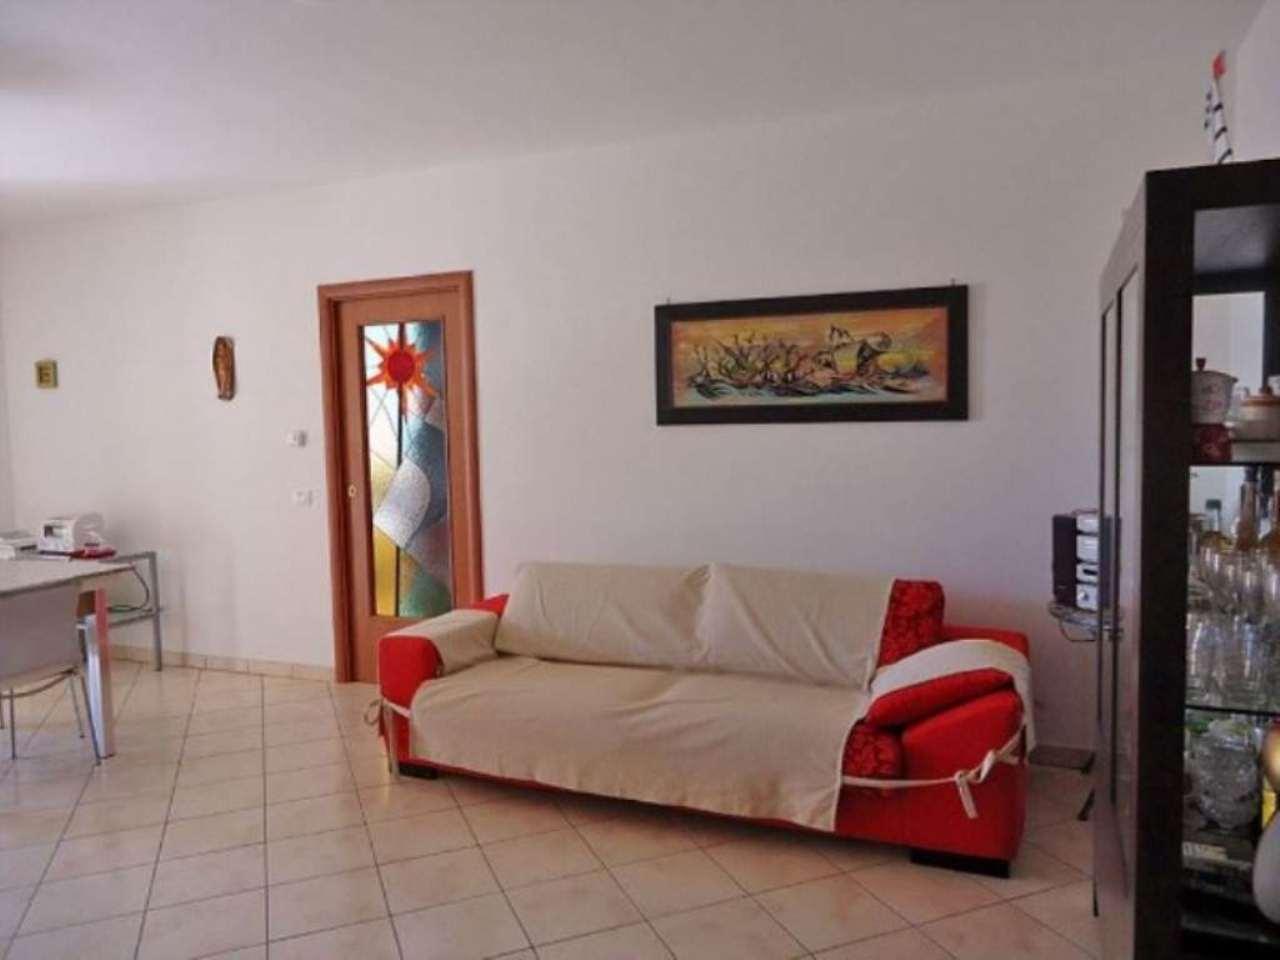 Appartamento in vendita a Sabaudia, 4 locali, prezzo € 190.000 | CambioCasa.it